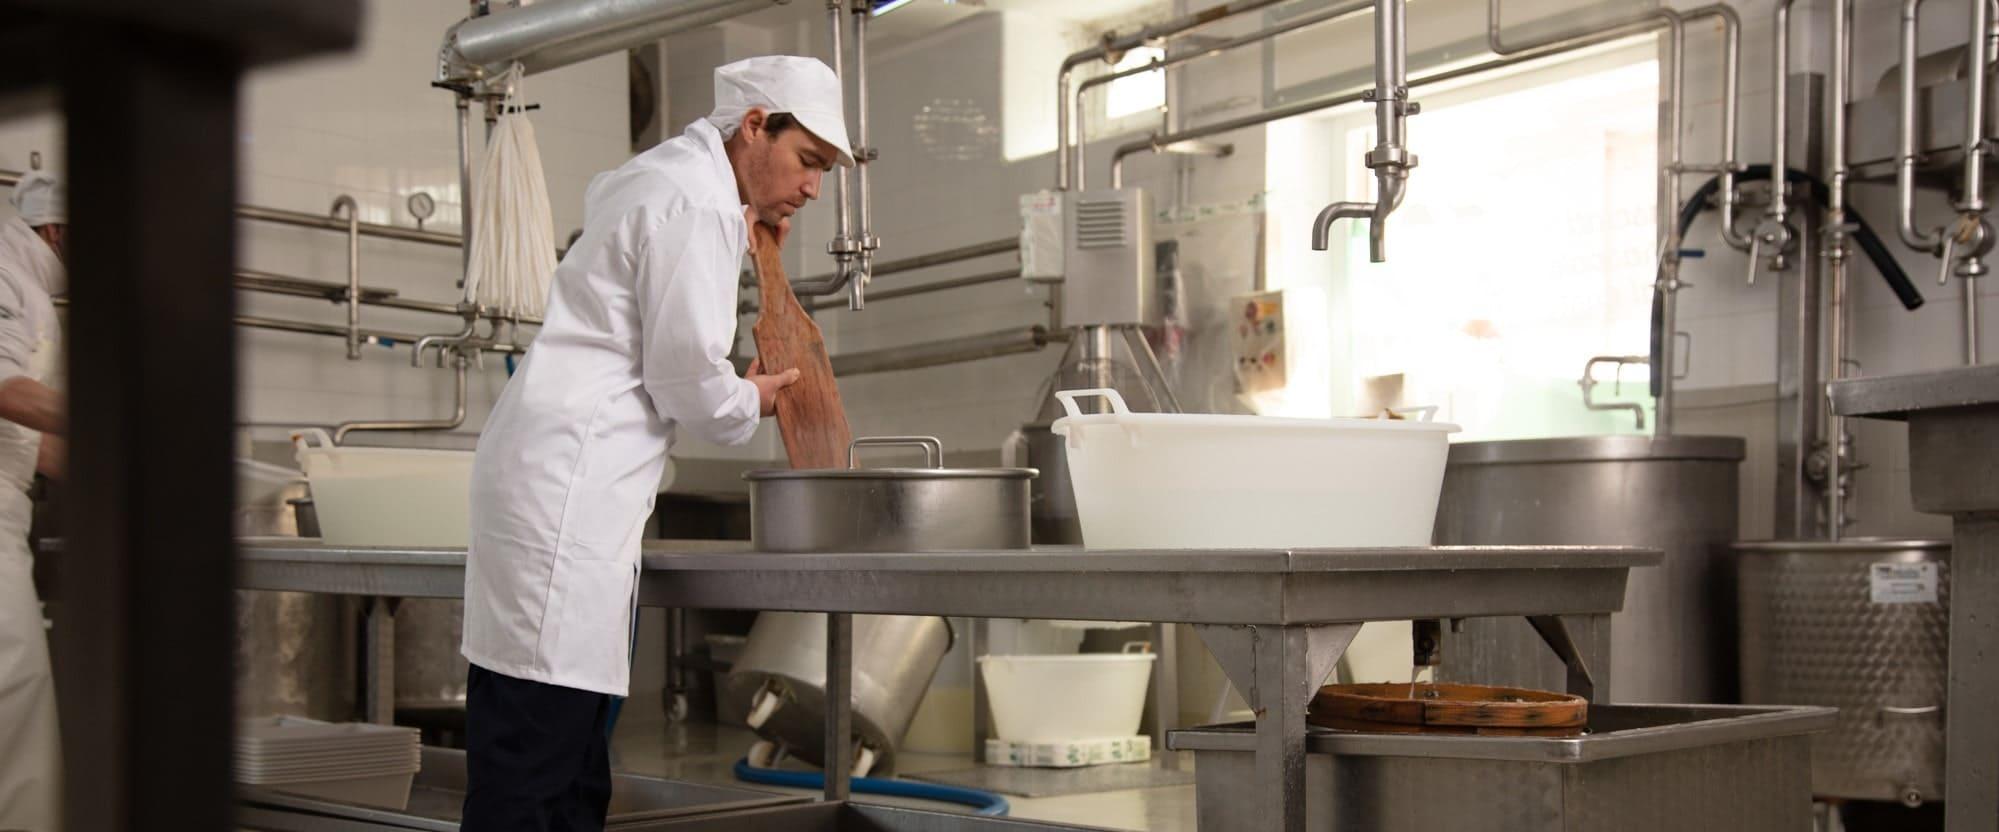 Labor mit unterschiedlichen Edelstahlamaturen, im Zentrum steht ein Mann im weißen Laborkittel mit einem Holzspatel in der Hand.